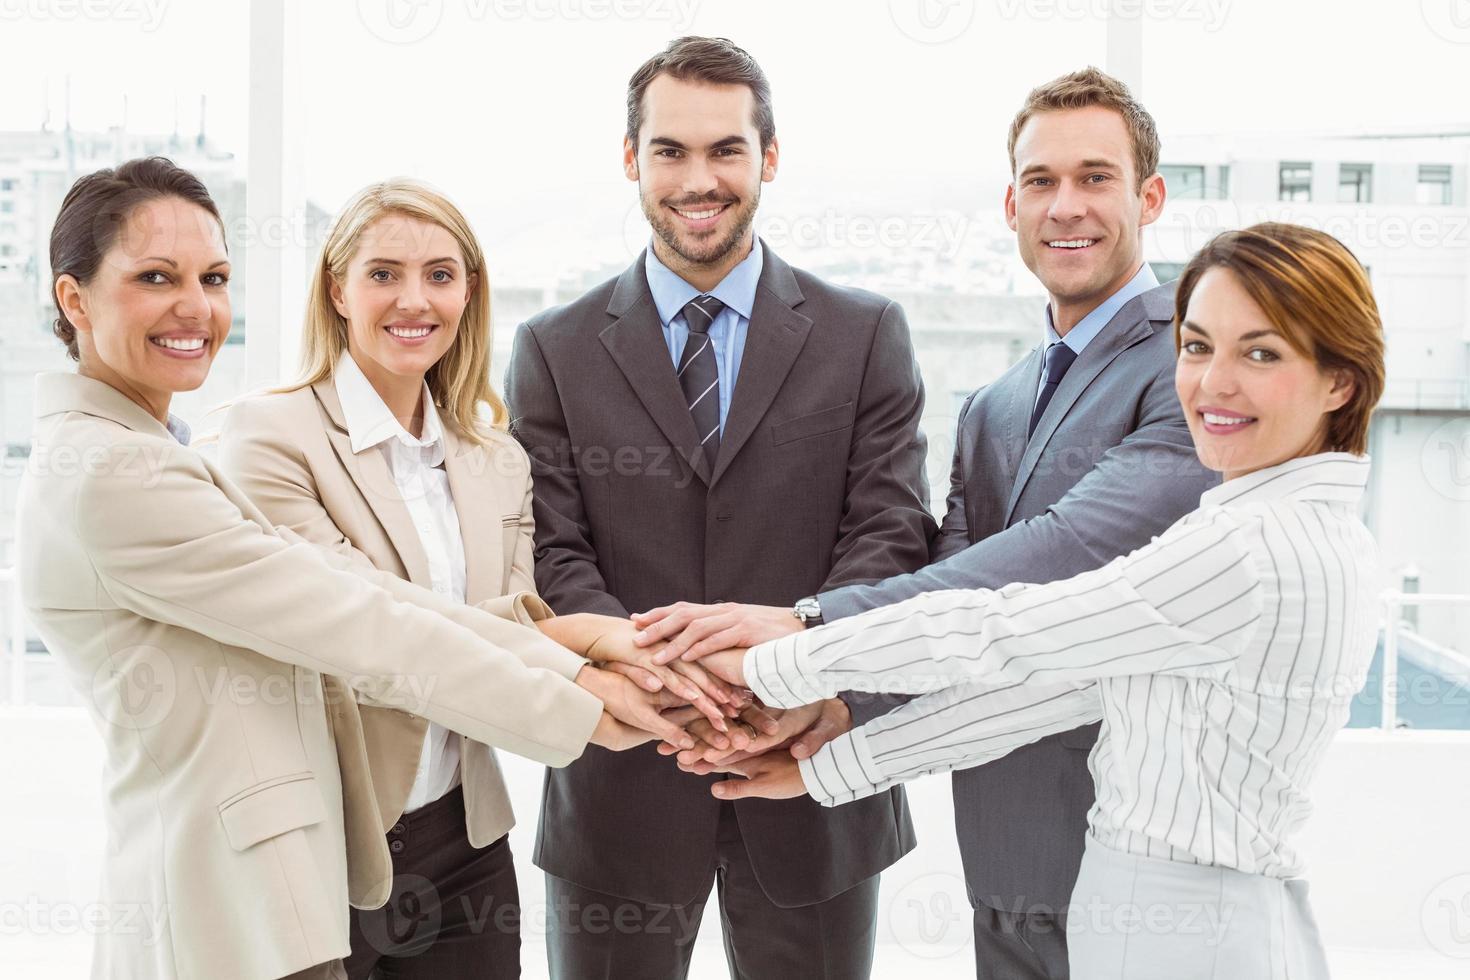 glada chefer som håller händerna tillsammans på kontoret foto